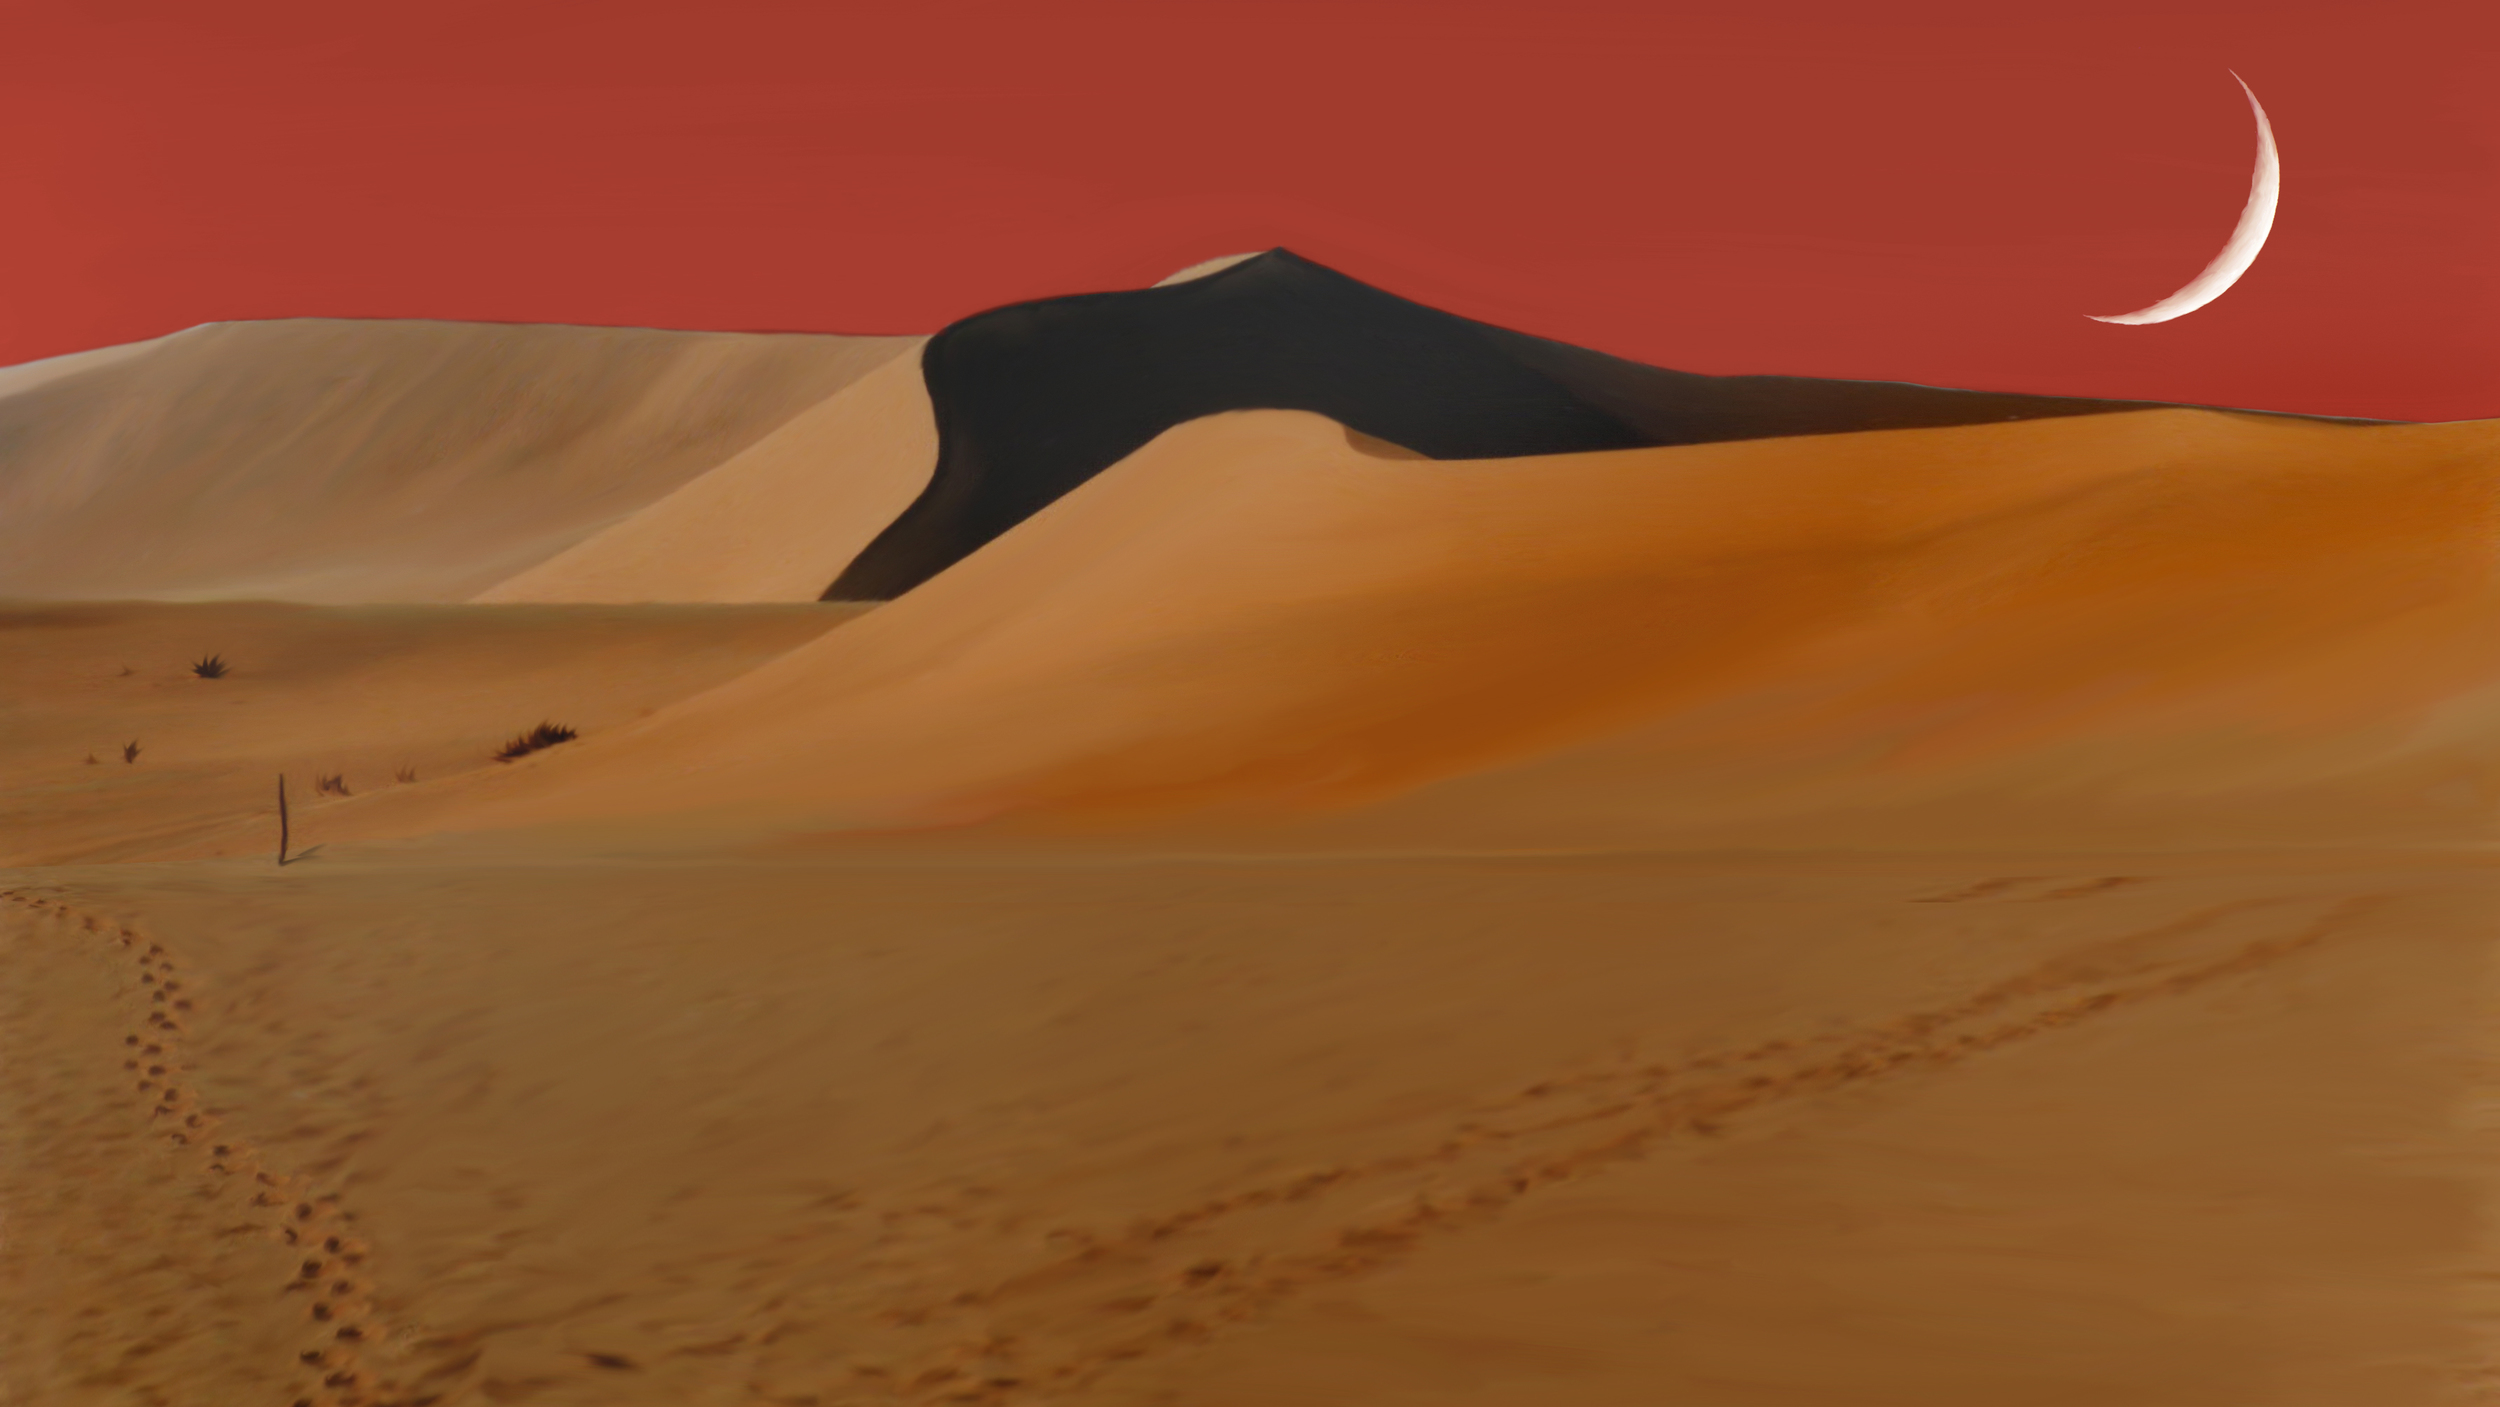 painted_desert.jpg